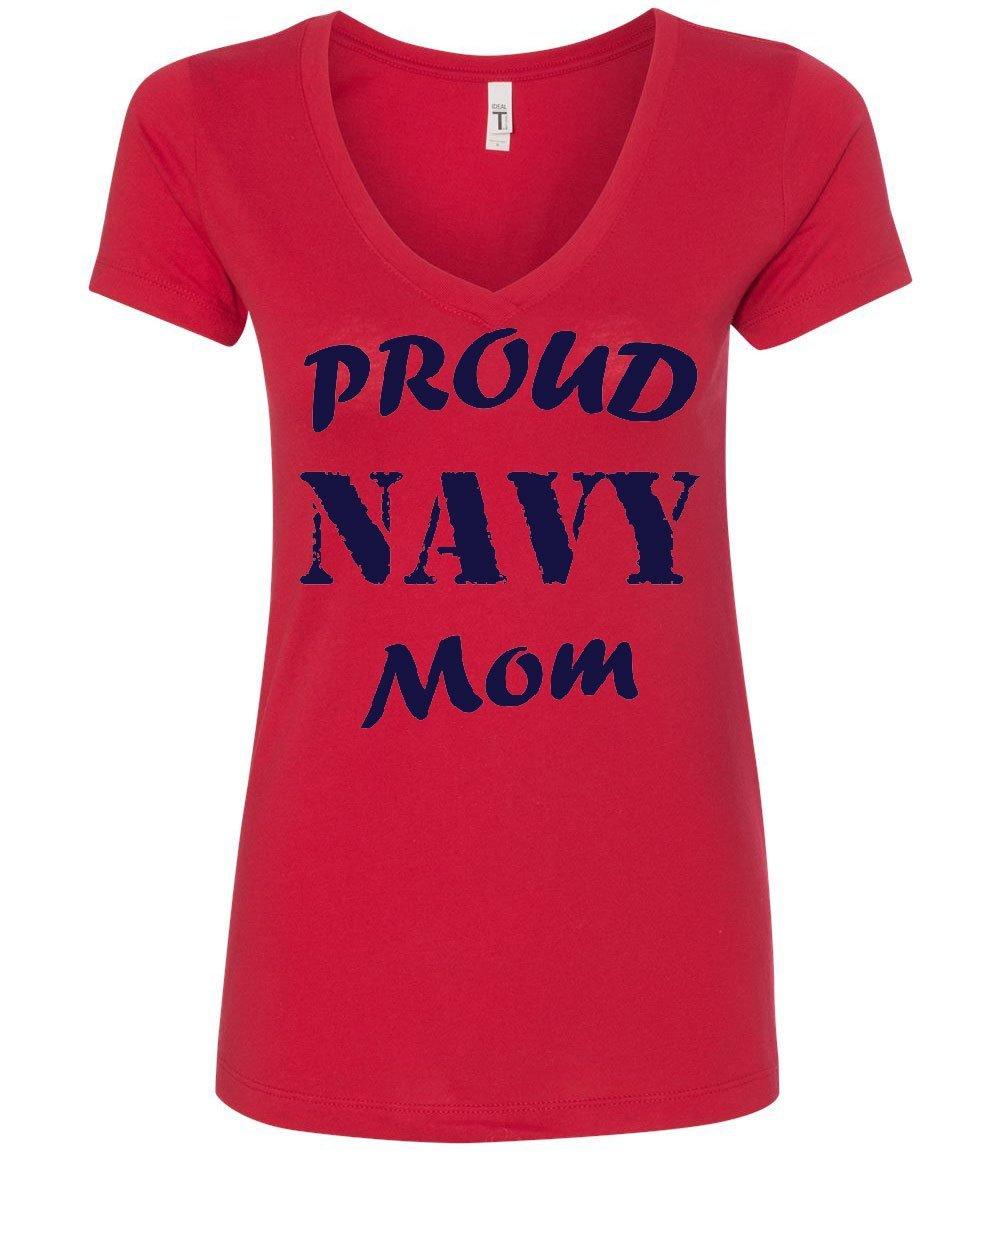 Tee Hunt Proud Navy Mom S T Shirt Patriotic Veteran Navy Seal Mother S Day